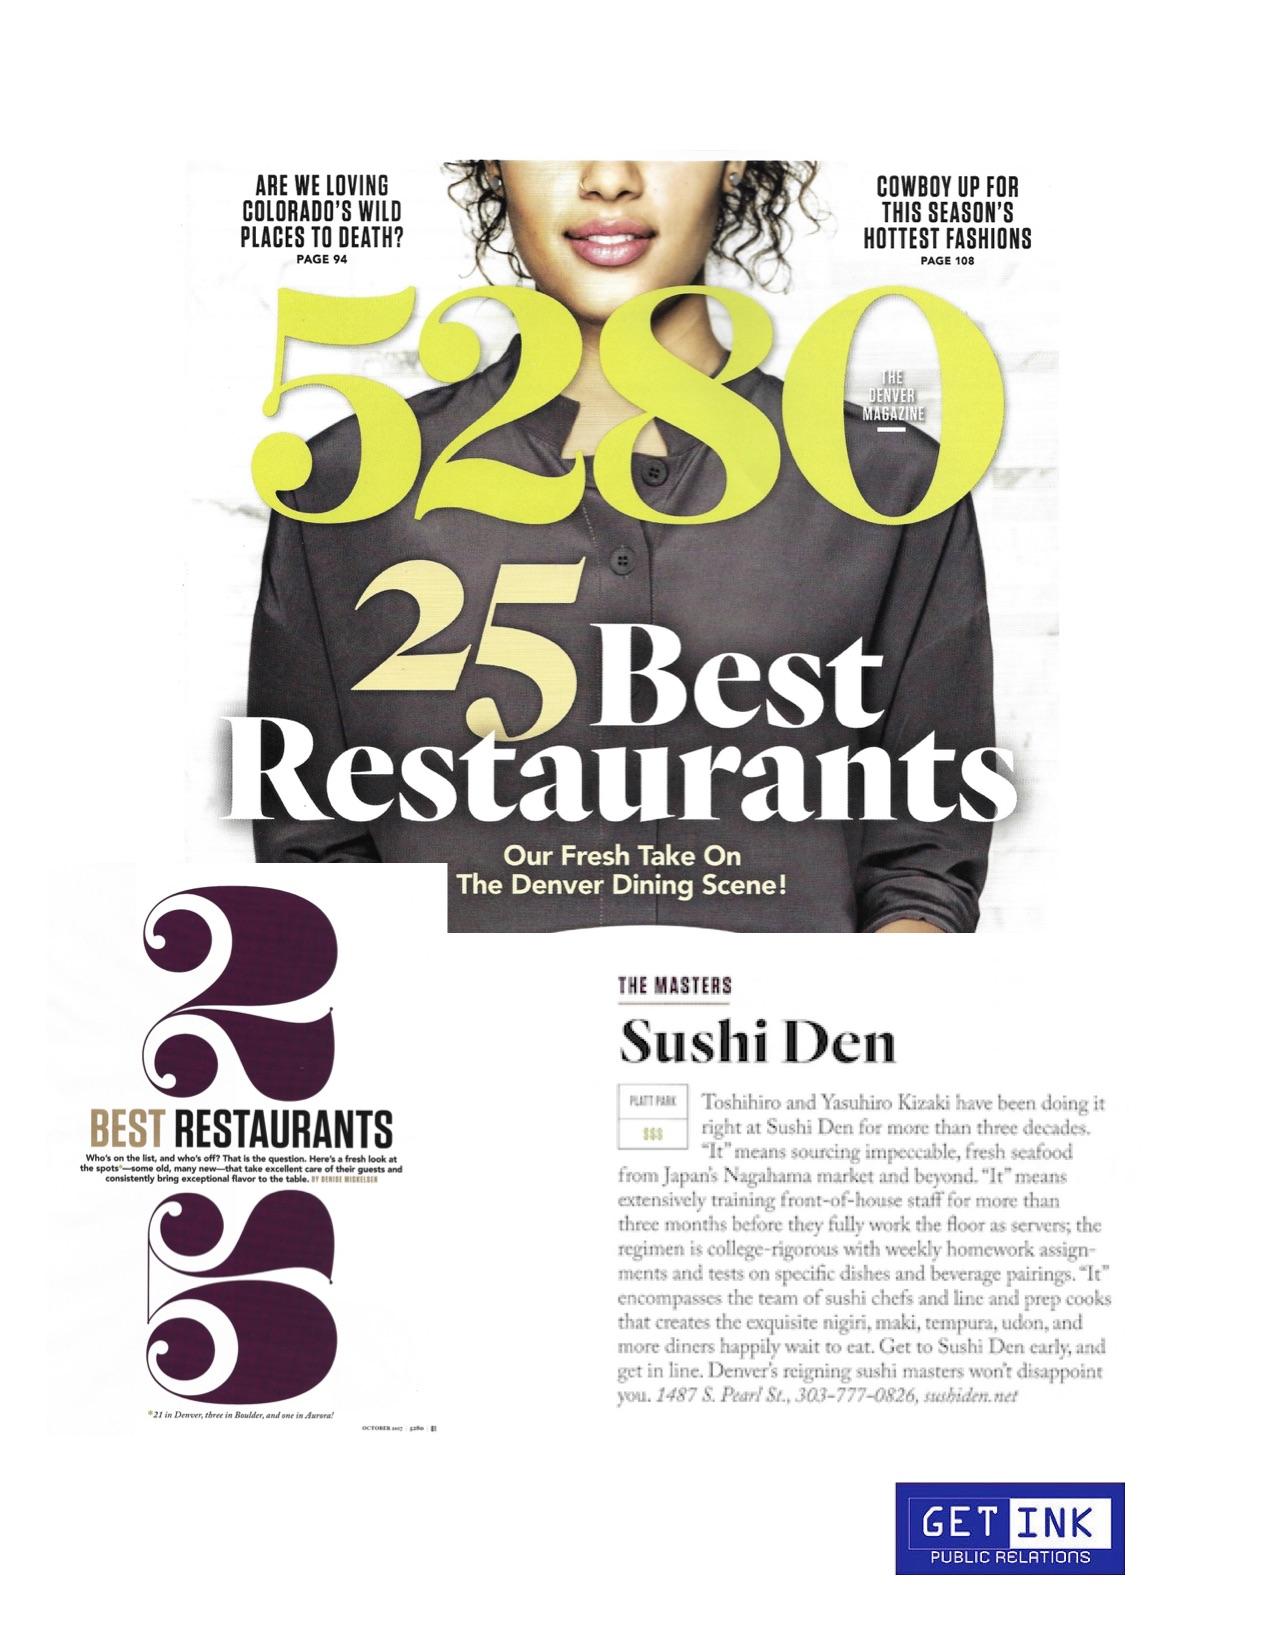 Sushi Den Denver in 5280 - Get Ink Pr